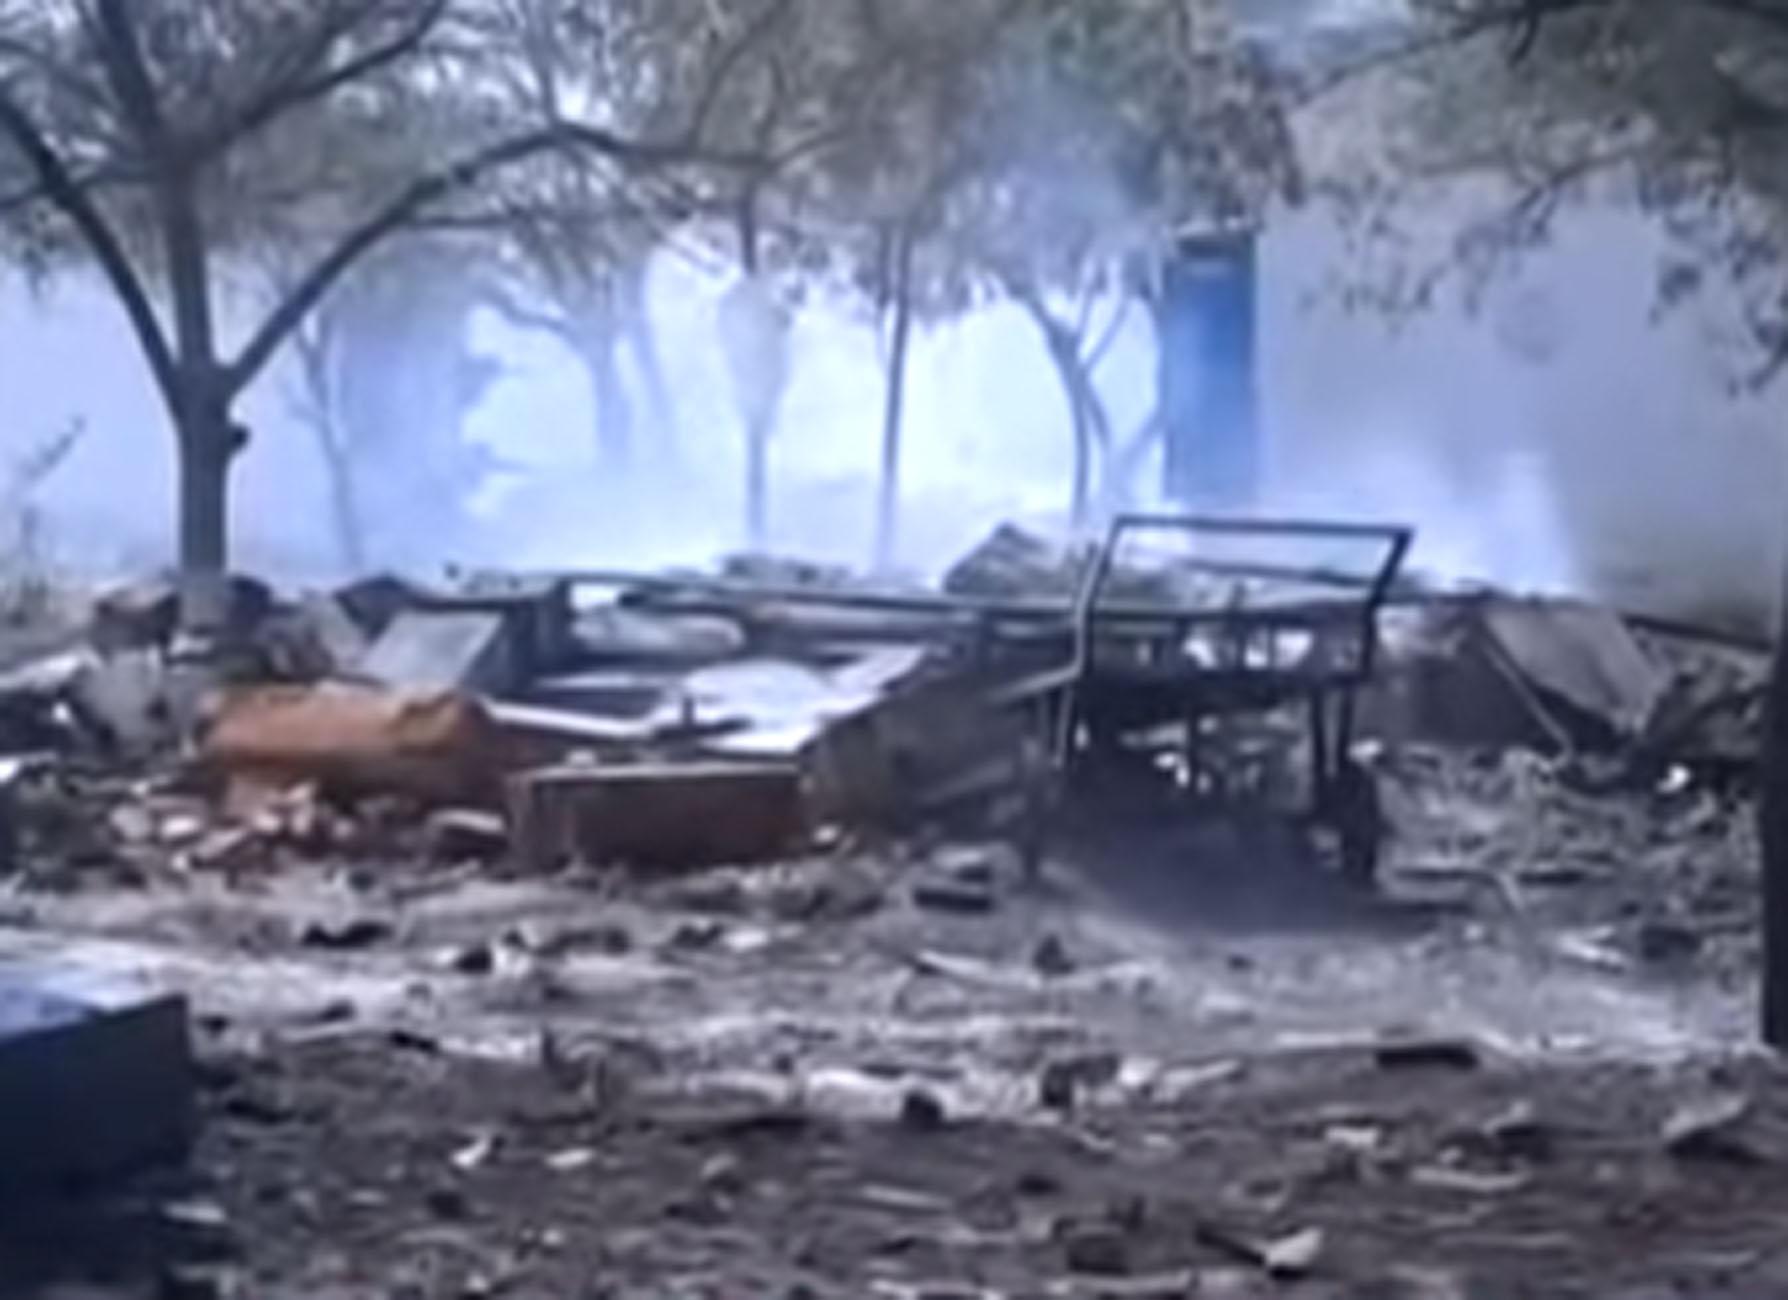 Ινδία: Δεκάδες νεκροί από έκρηξη σε εργοστάσιο βεγγαλικών